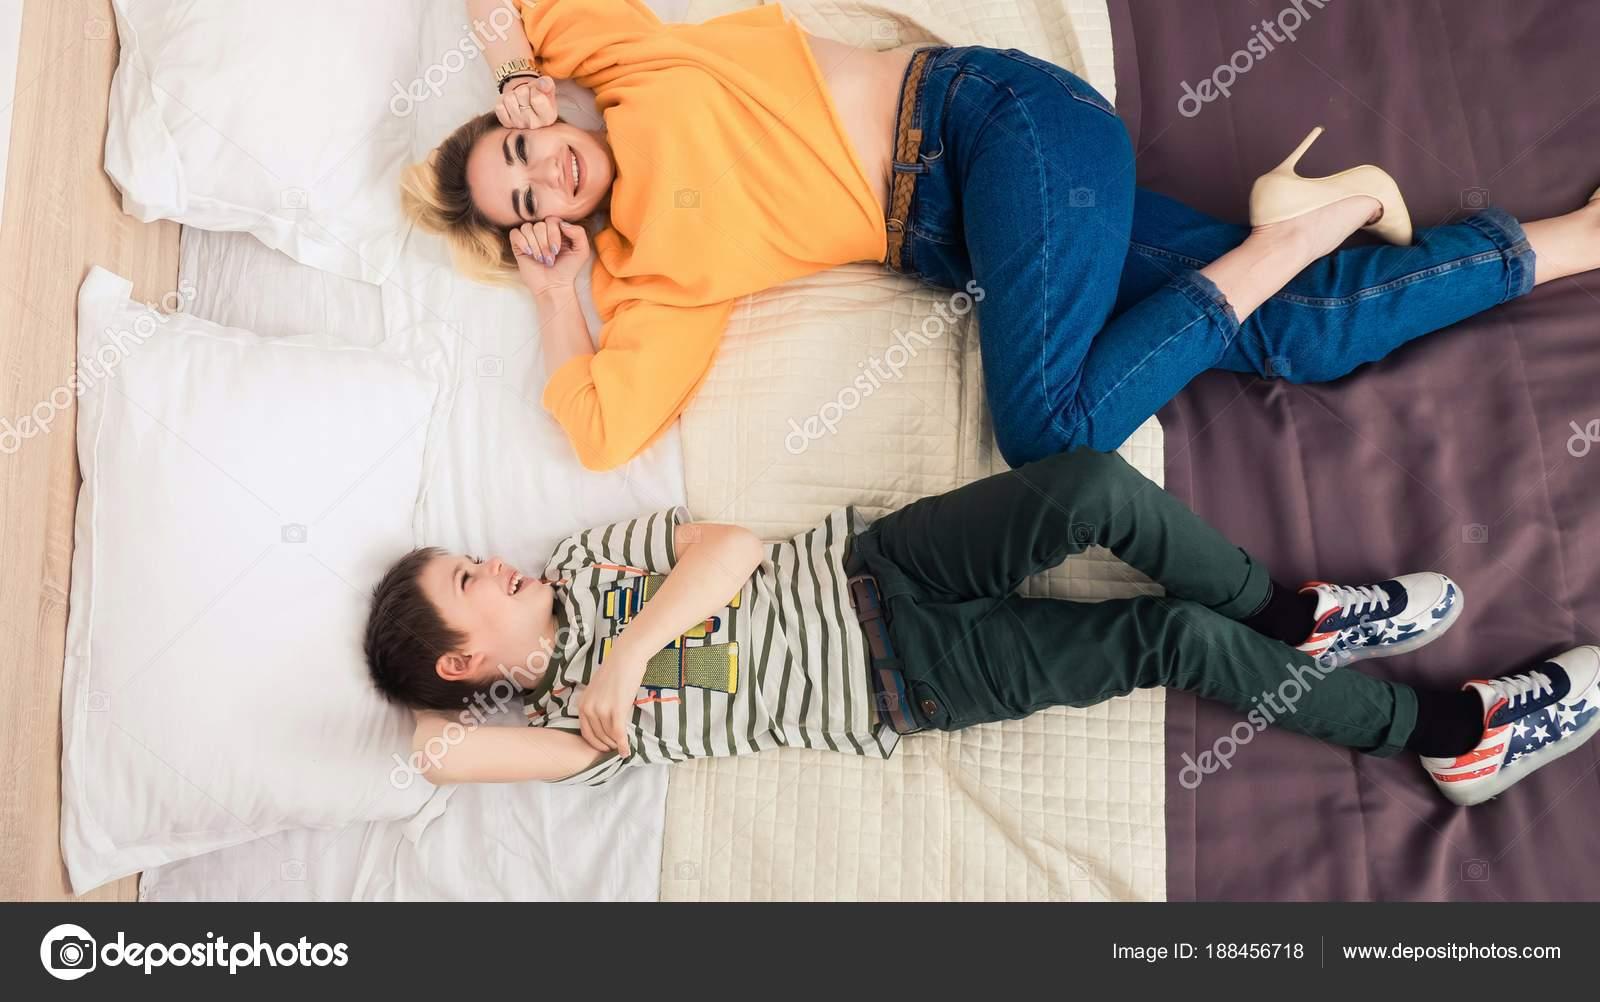 Соитие мамы с сыном, Порно: мама и сын. Инцест мамы и сына. Секс мамы 14 фотография